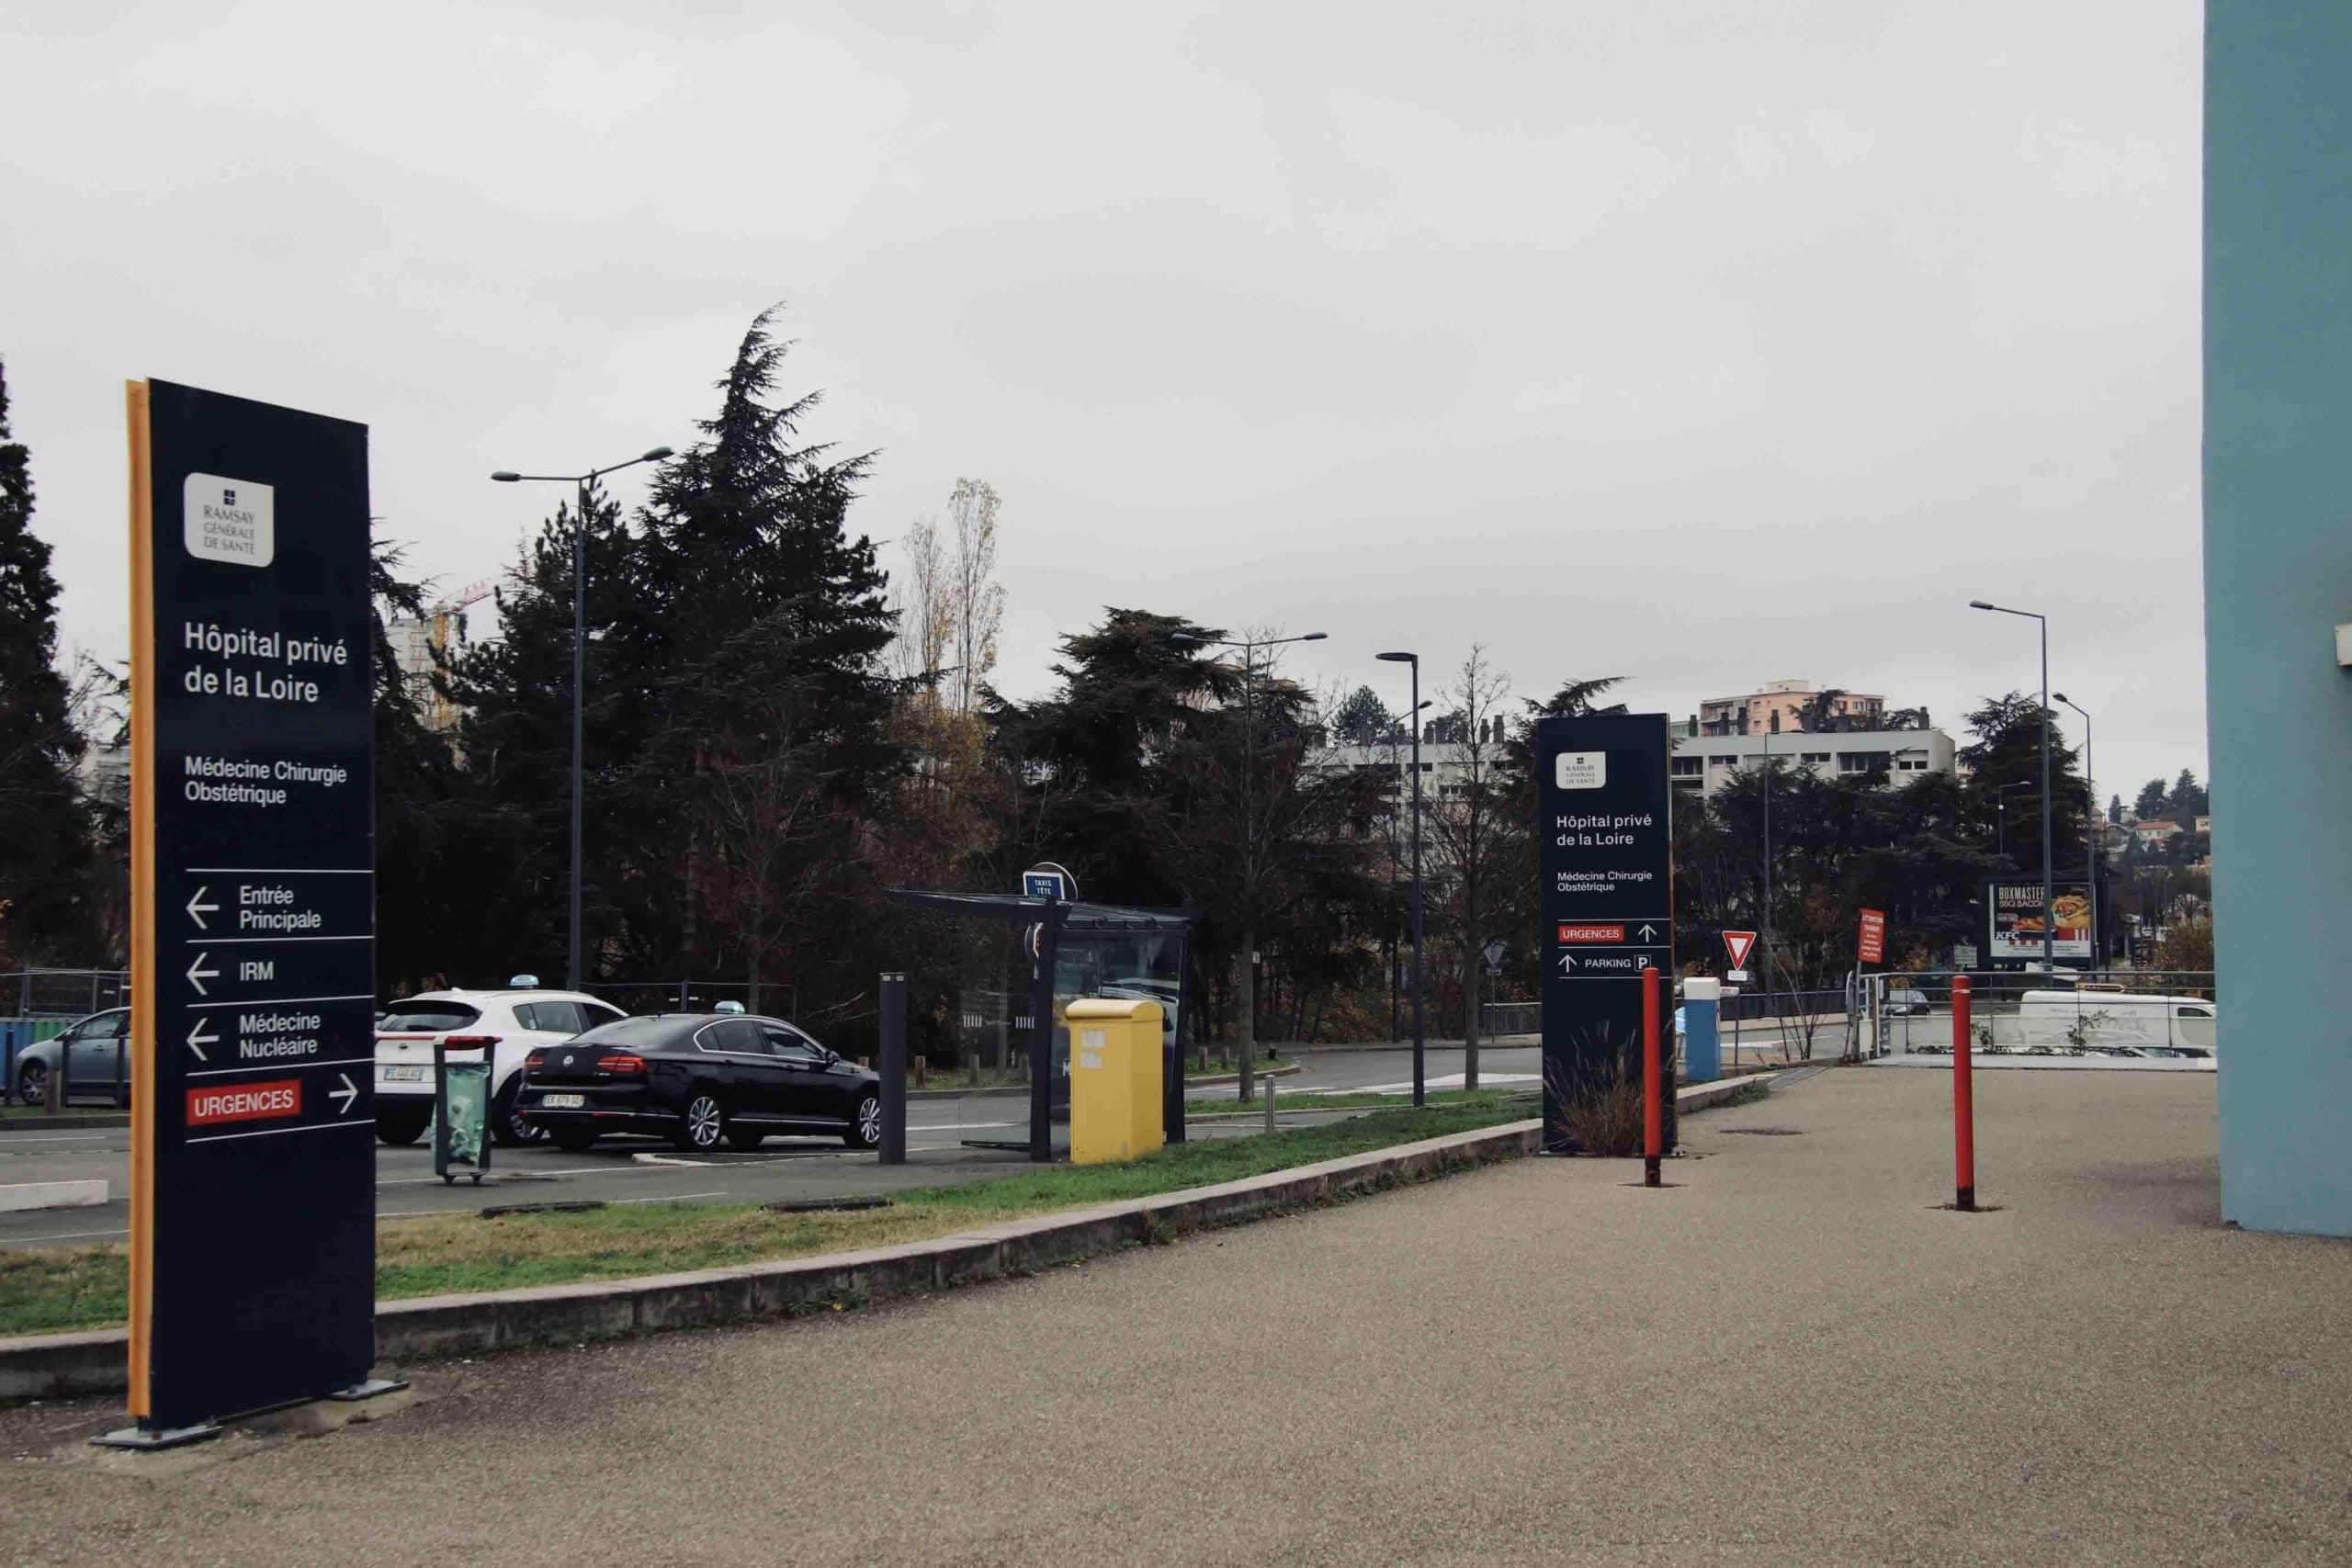 Taxi devant l'hôpital privé de la Loire à Saint-Etienne pendant le confinement automne 2020